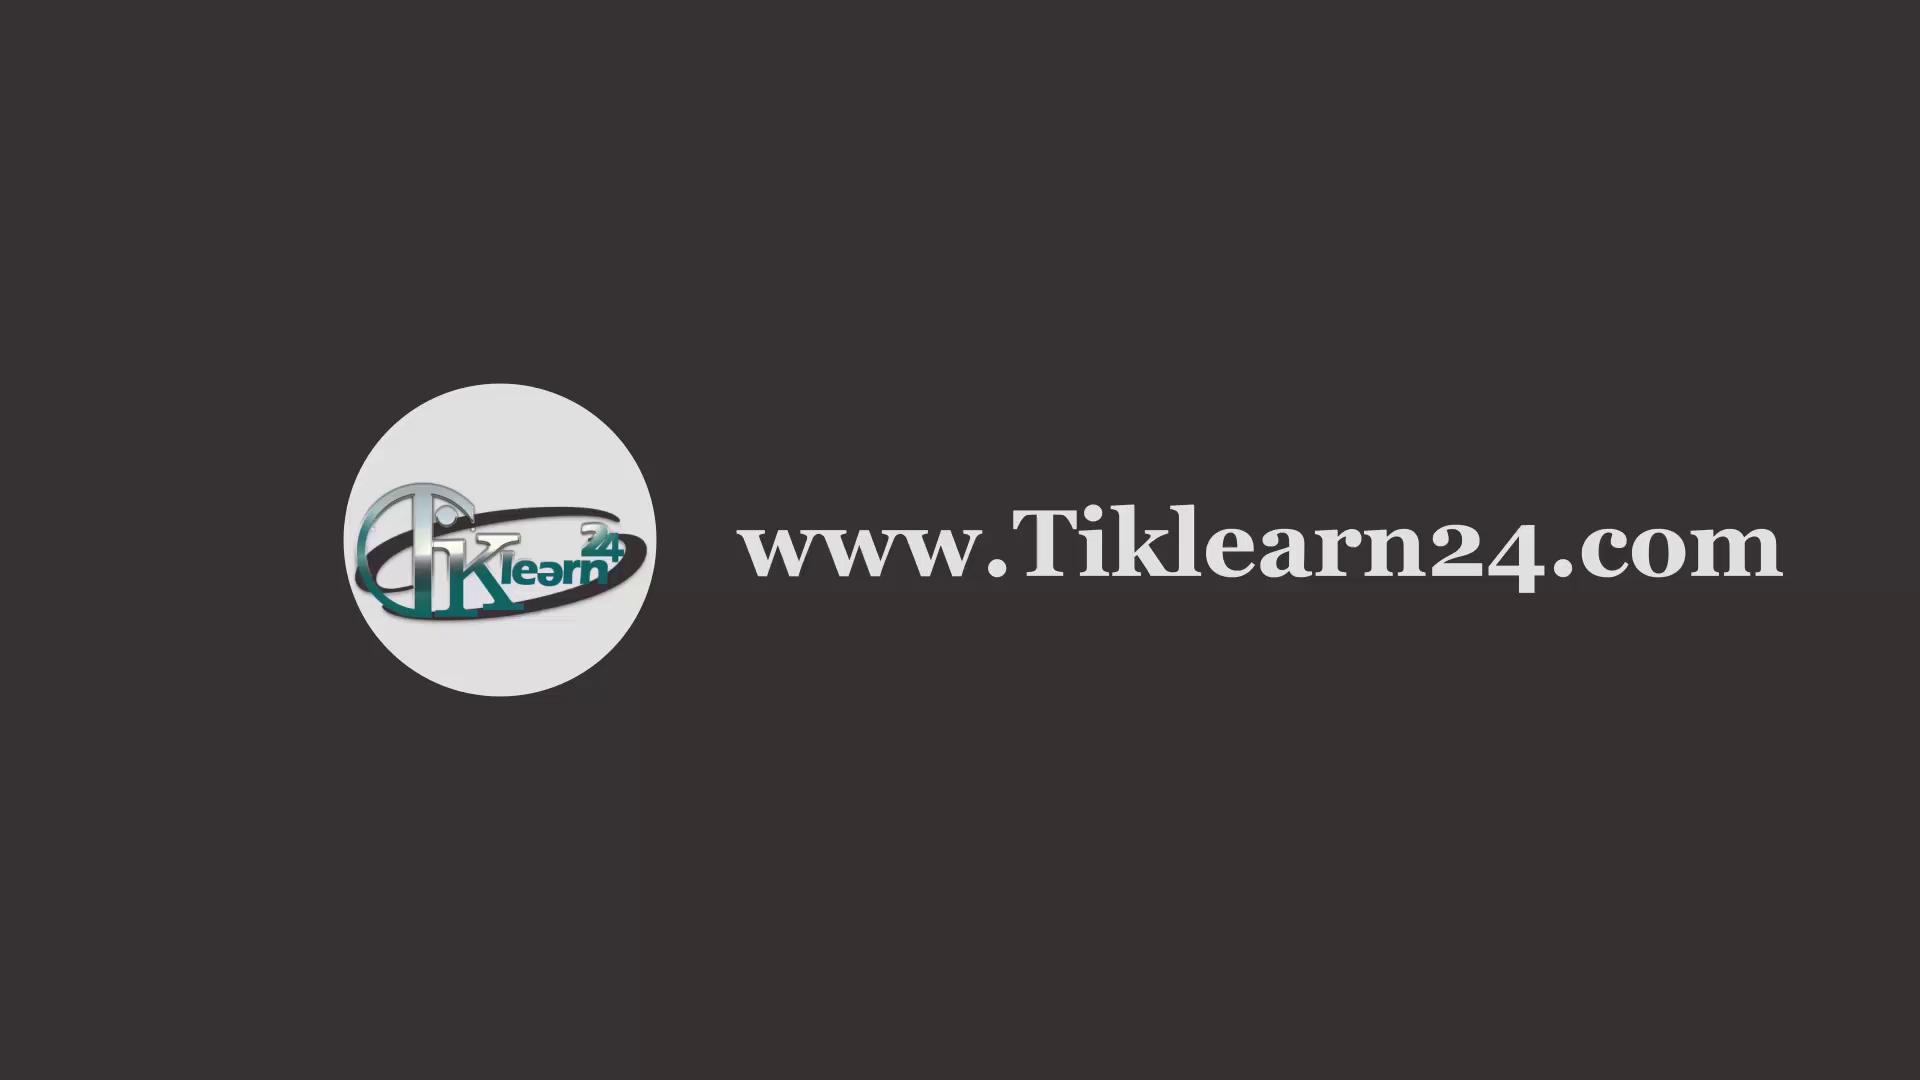 یادگیری اصطلاحات انگلیسی با کمک داستان